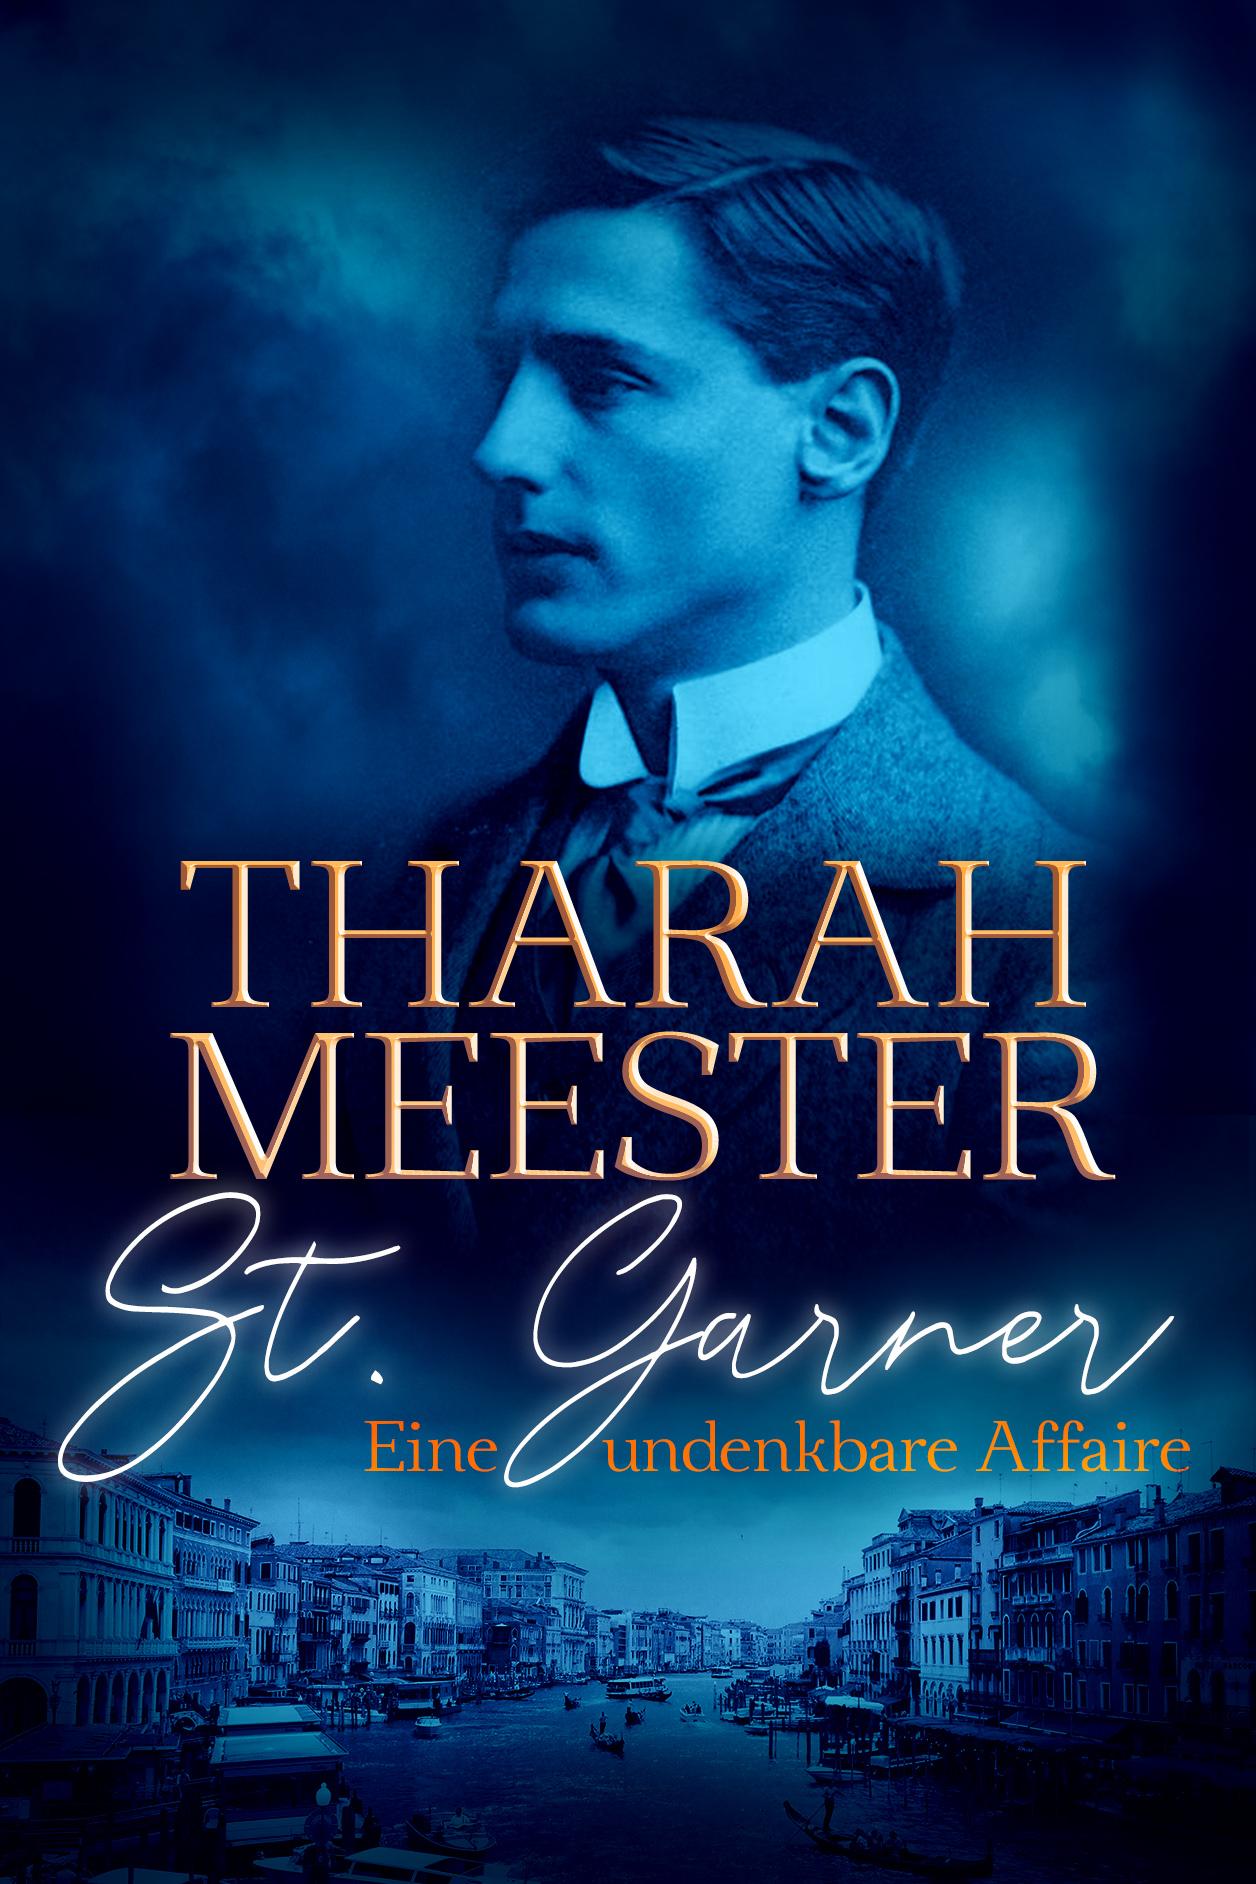 St. Garner - Eine undenkbare Affaire 2